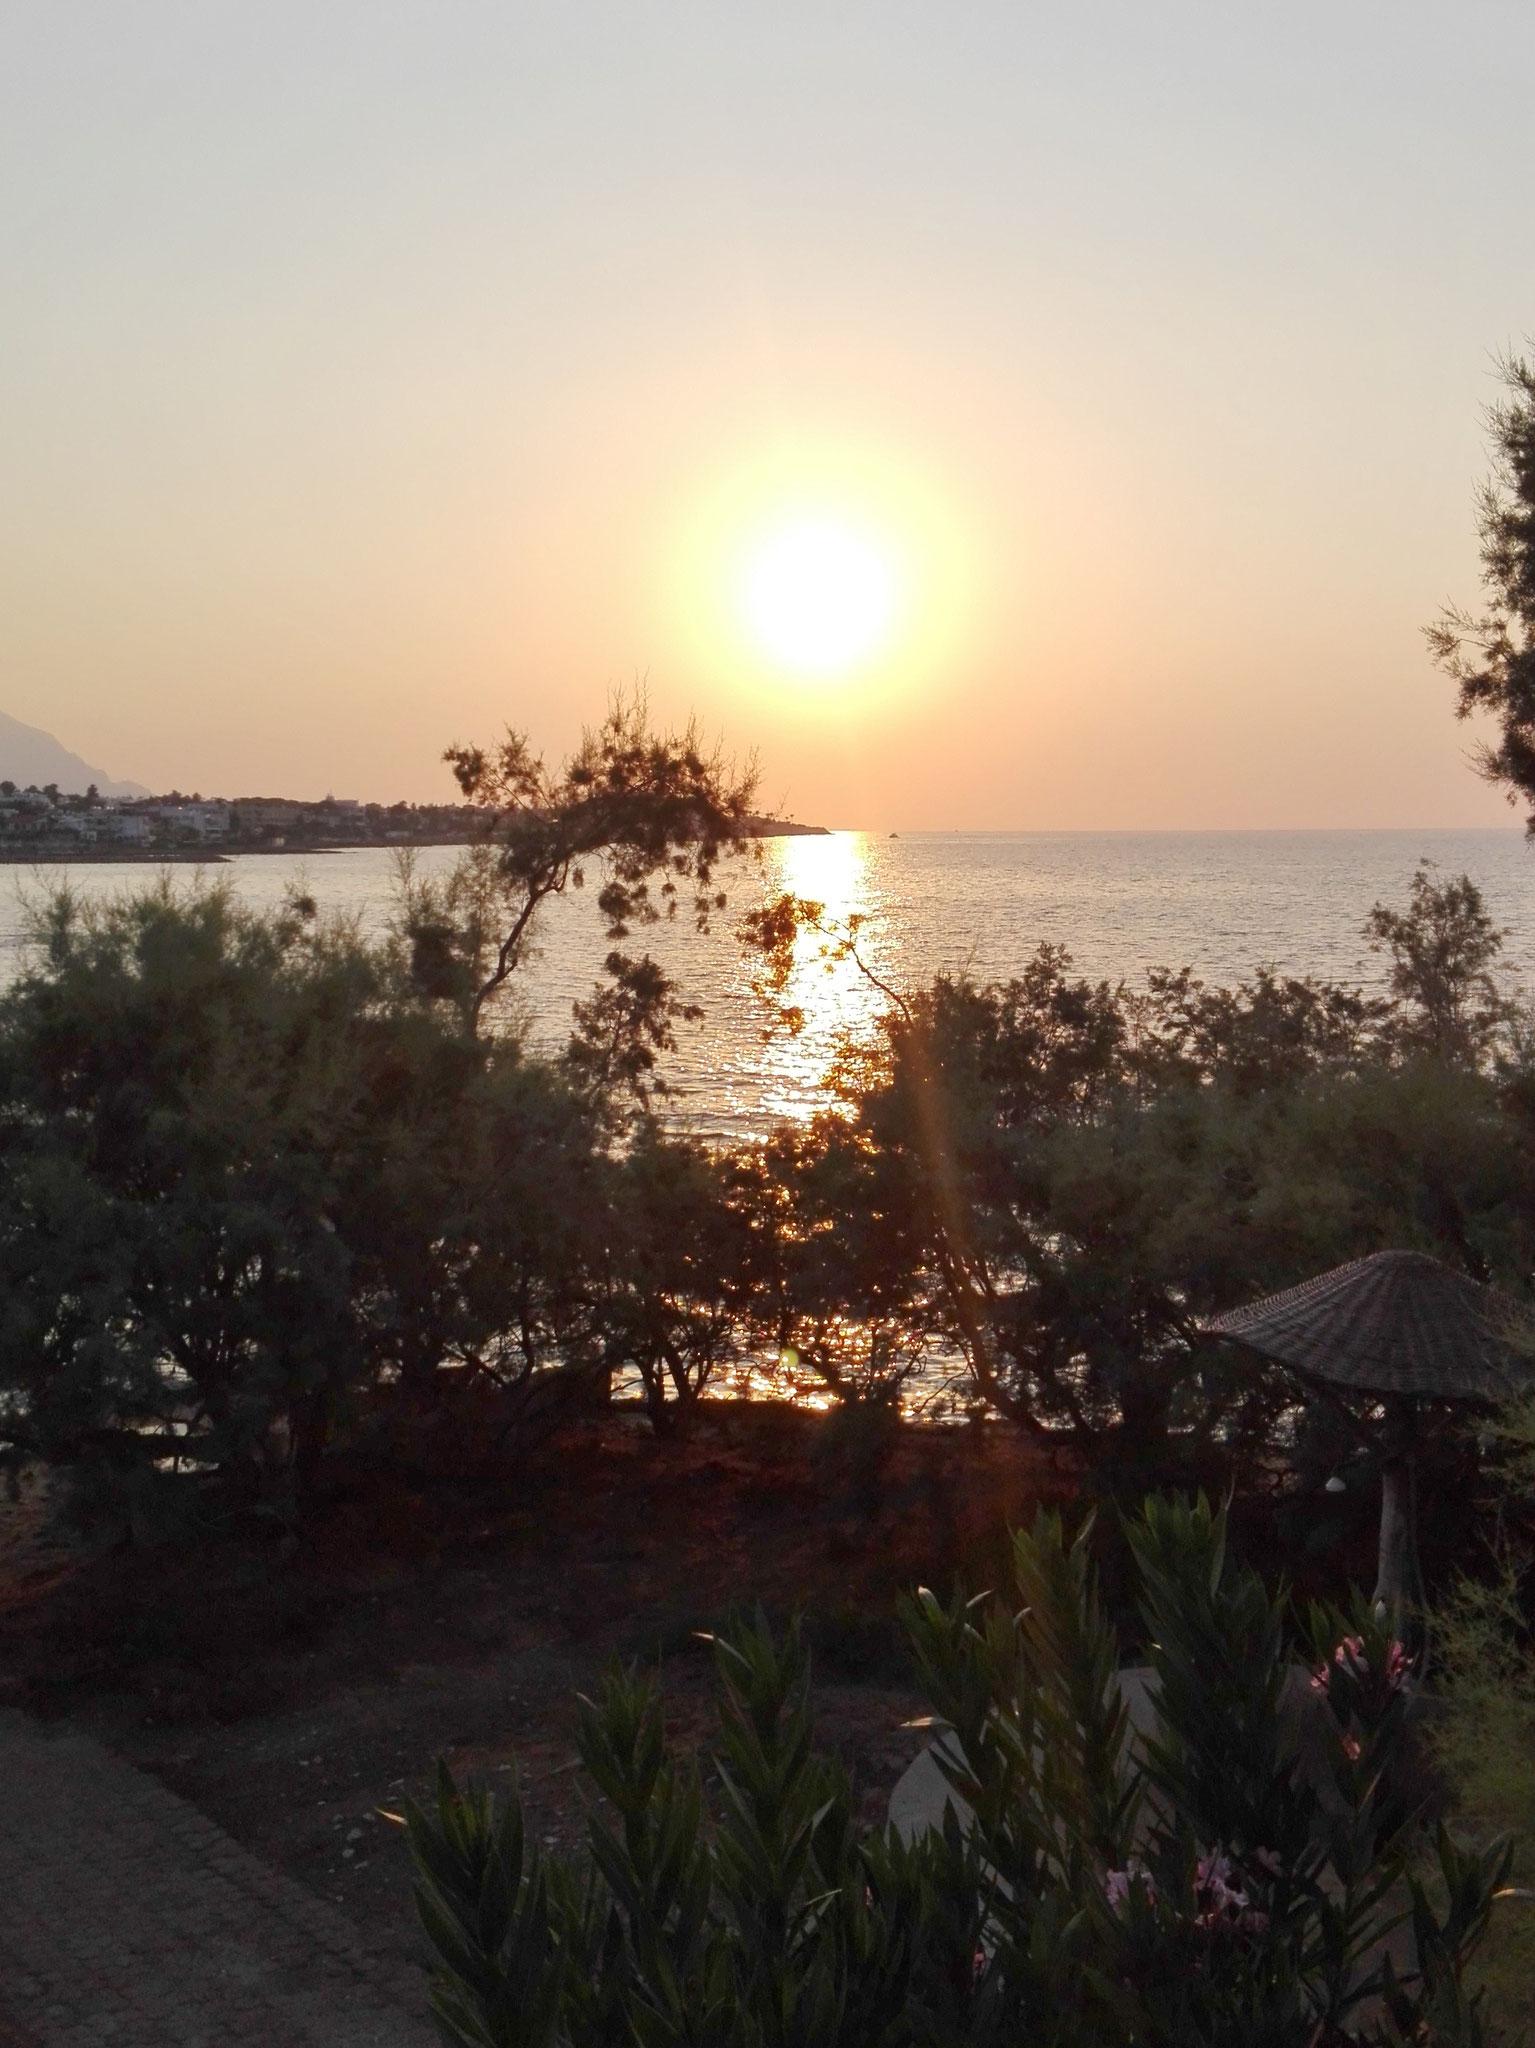 Täglich ein traumhaft schöner Sonnenuntergang